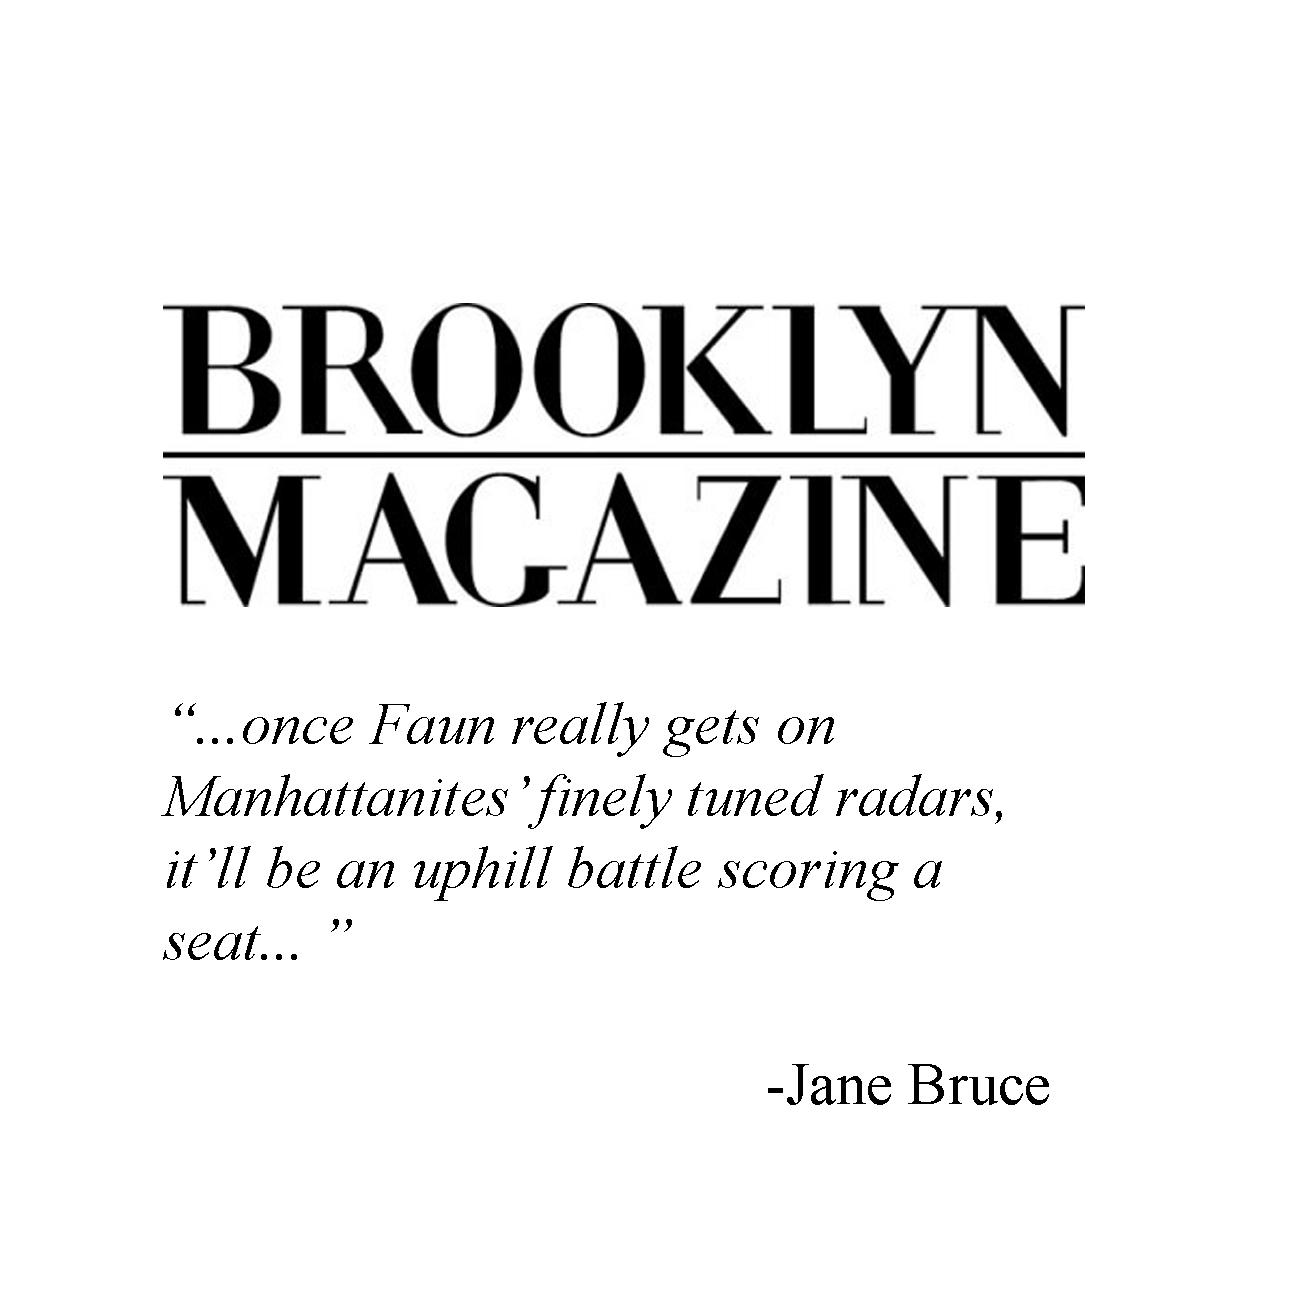 brooklyn-magazine